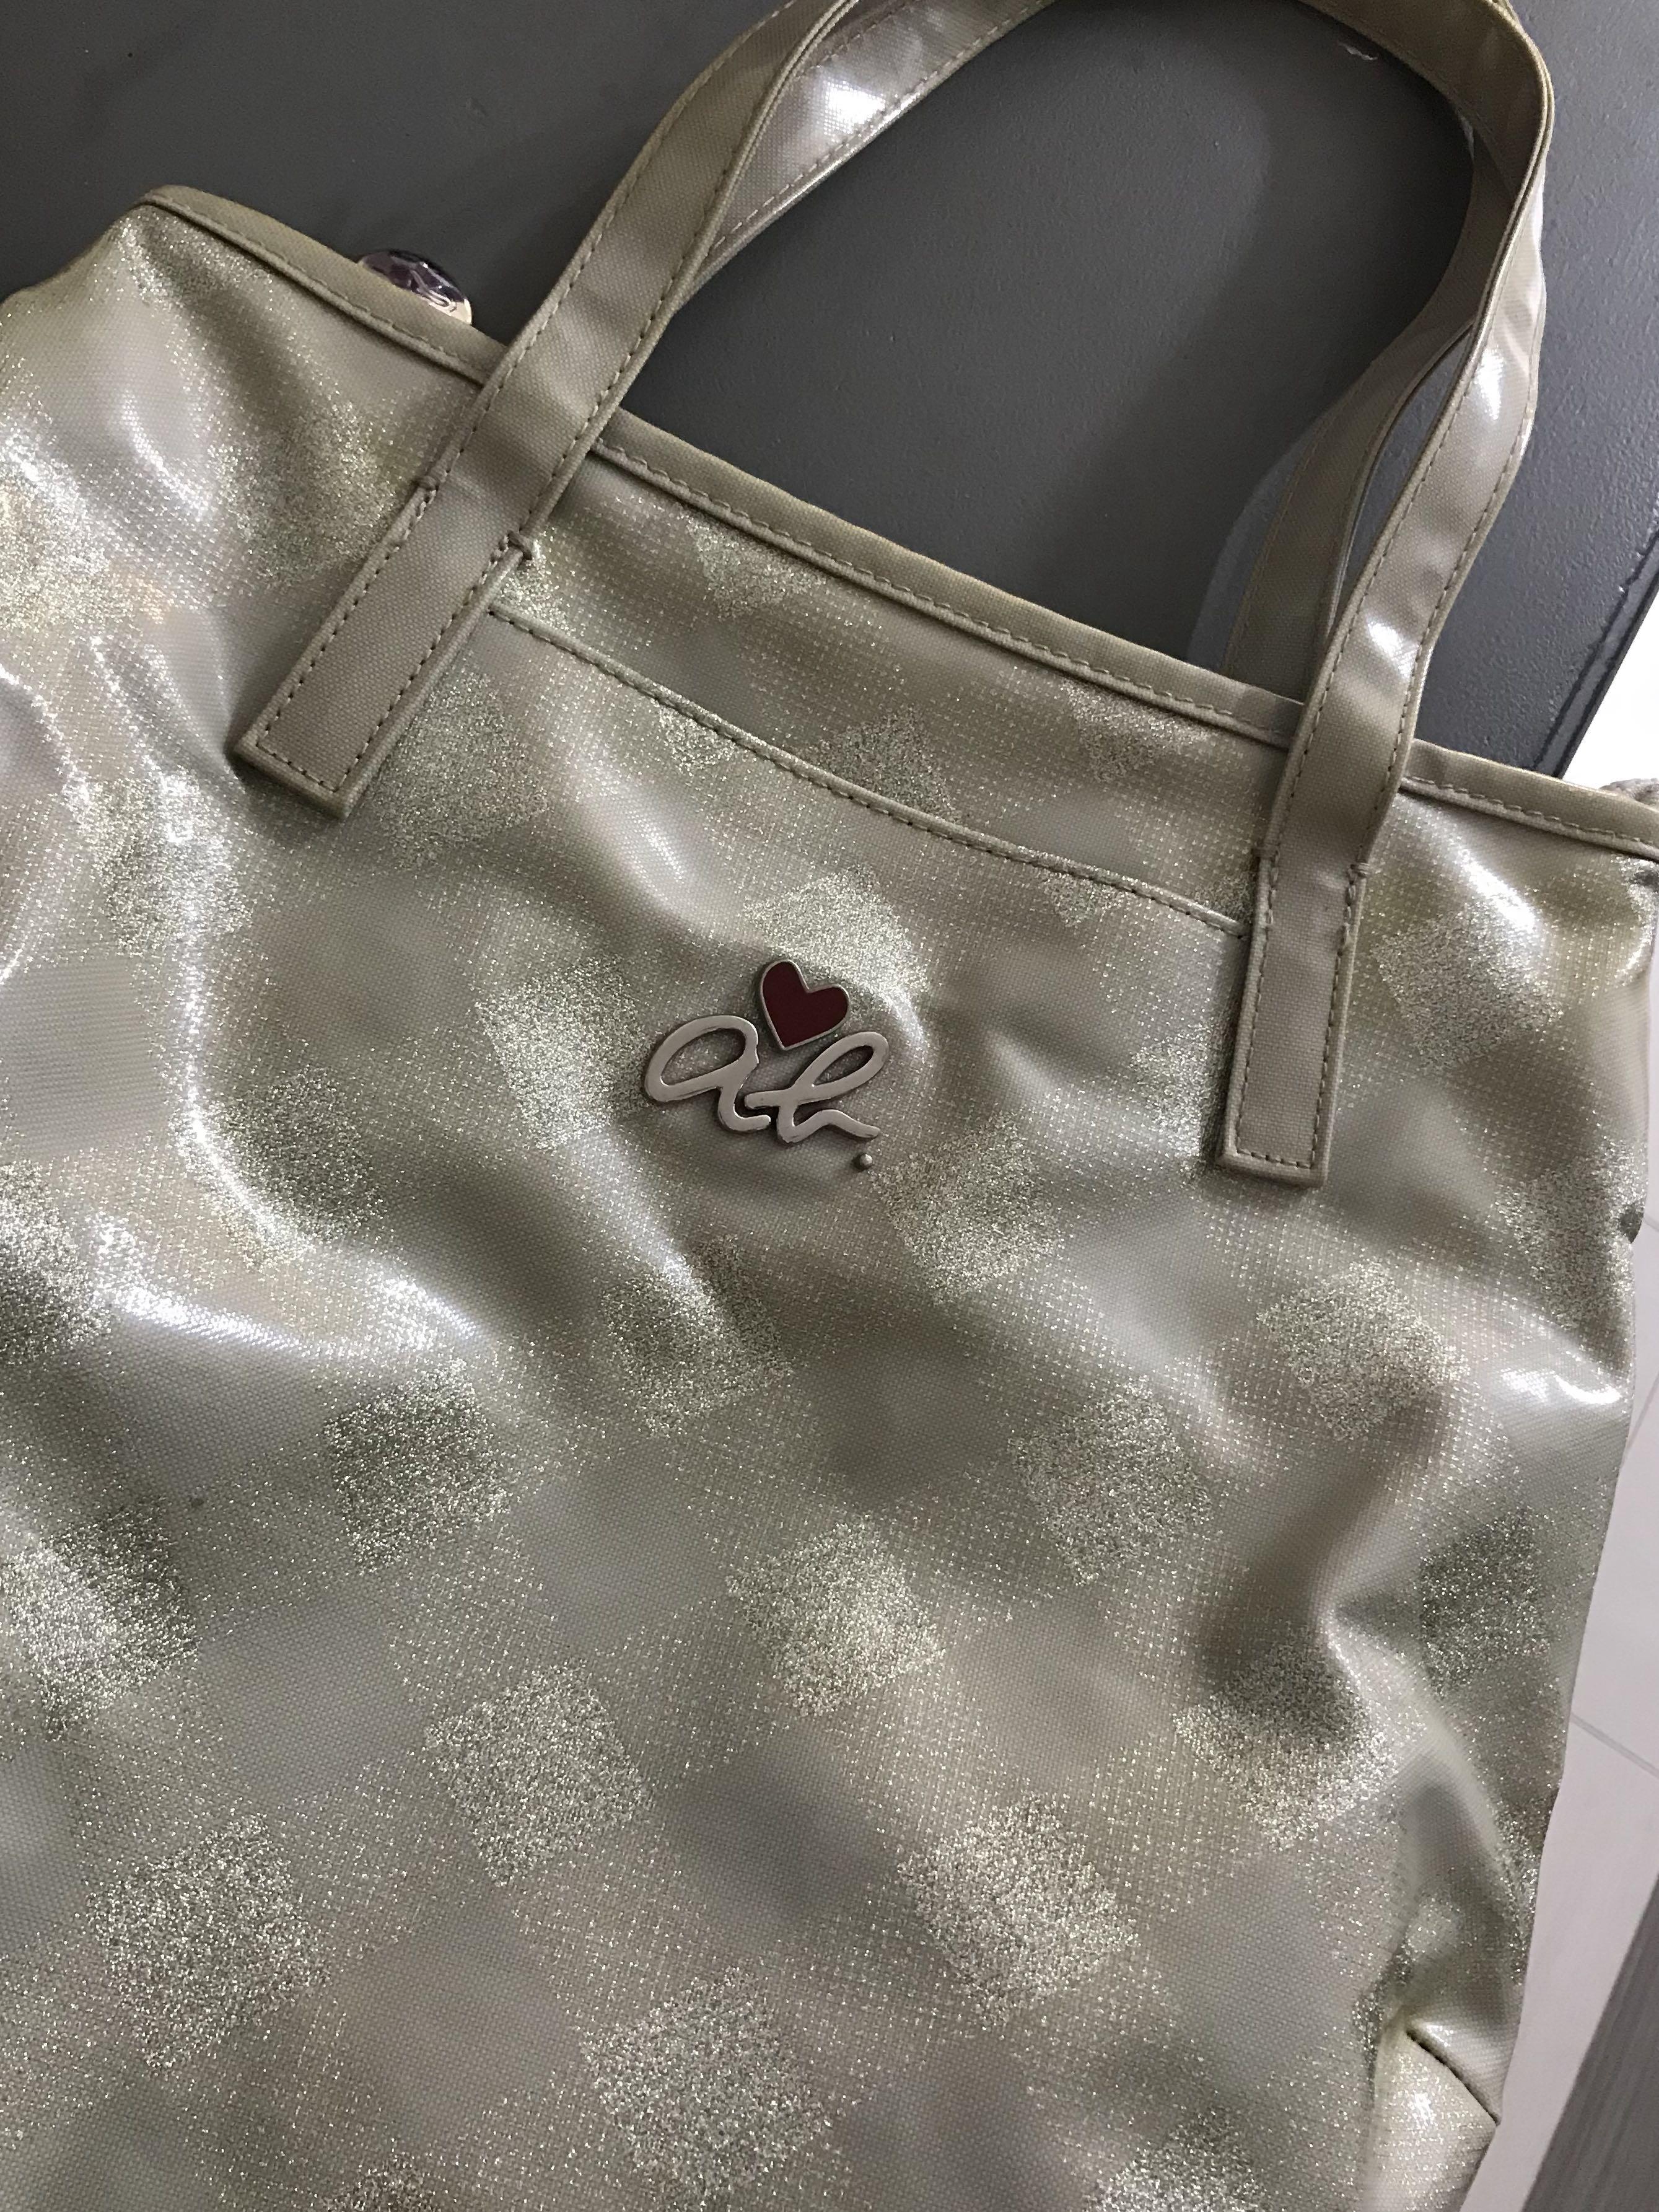 Agnes B hand carry bag